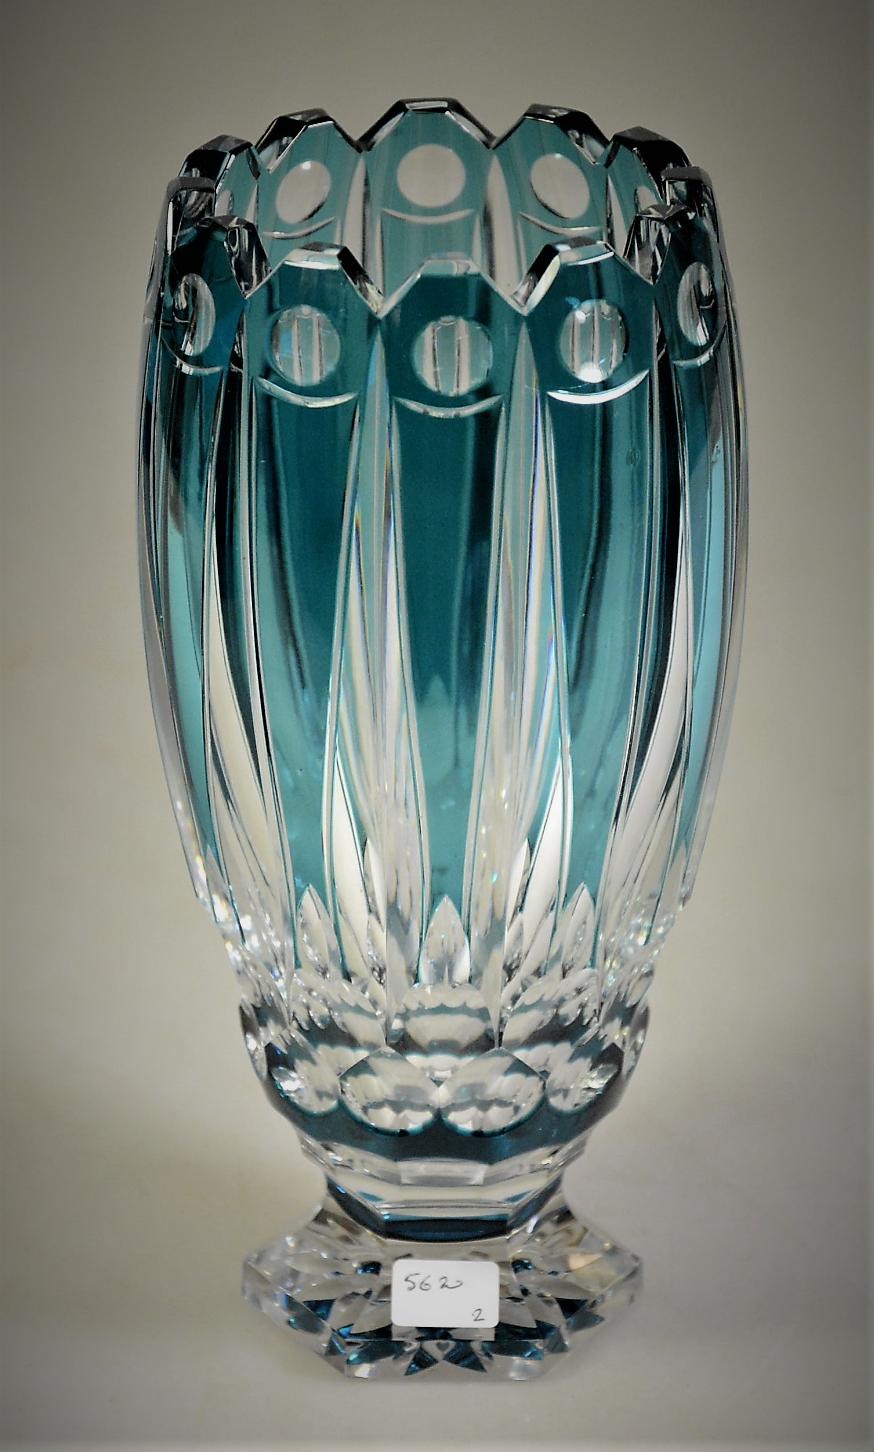 Val saint lambert vase el 307 vase en cristal clair doubl val saint lambert vase el 307 vase en cristal clair doubl bleu ptrole taill floridaeventfo Image collections